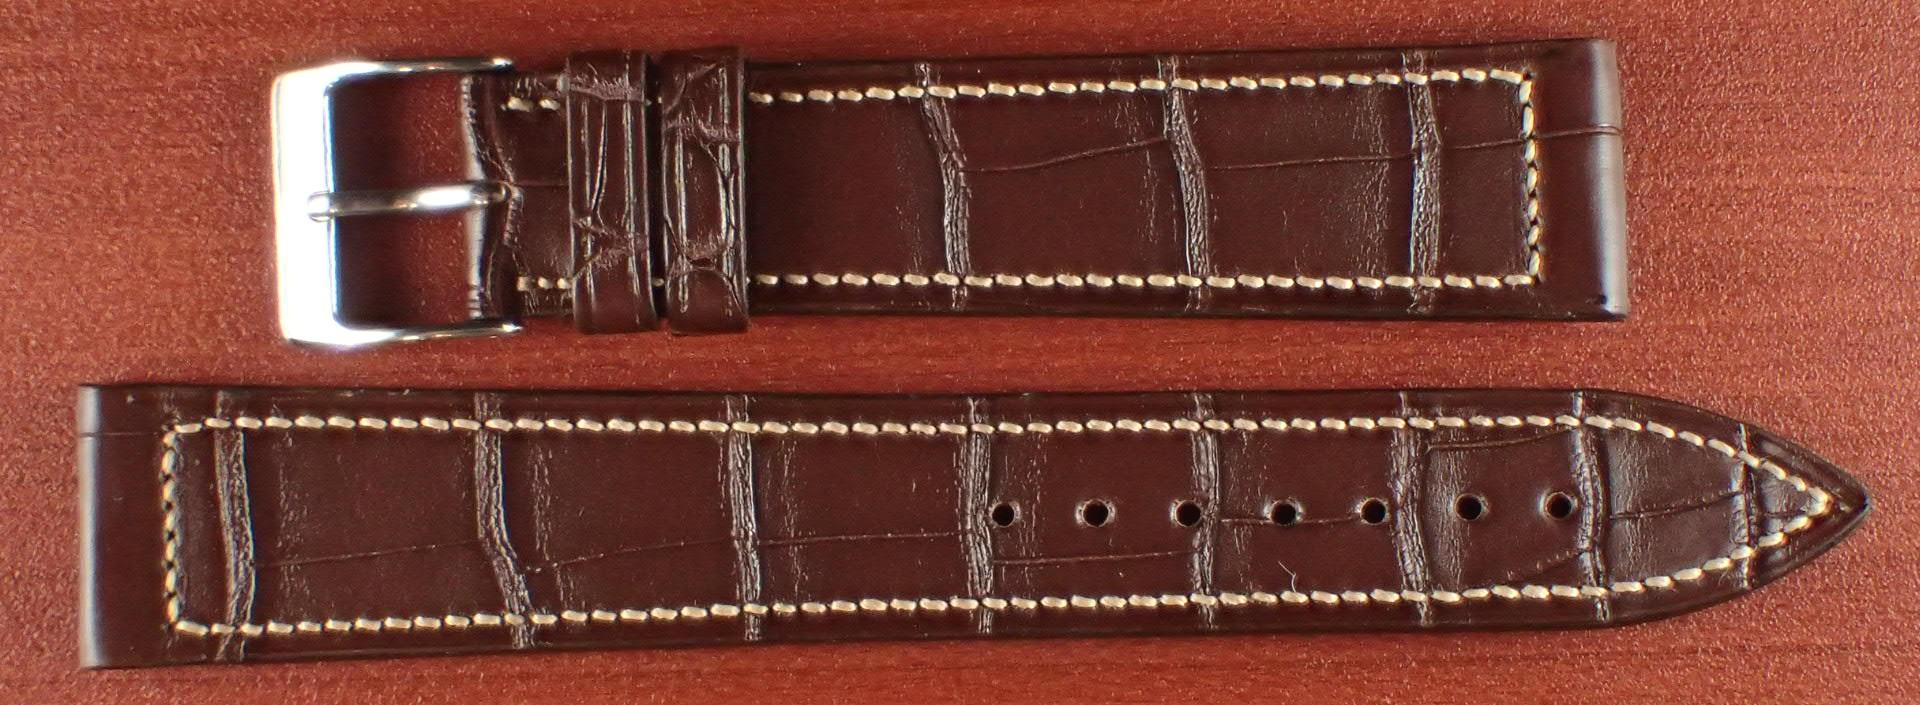 ジャン・クロード ペラン革ベルト クロコダイル ダークブラウン 18mm